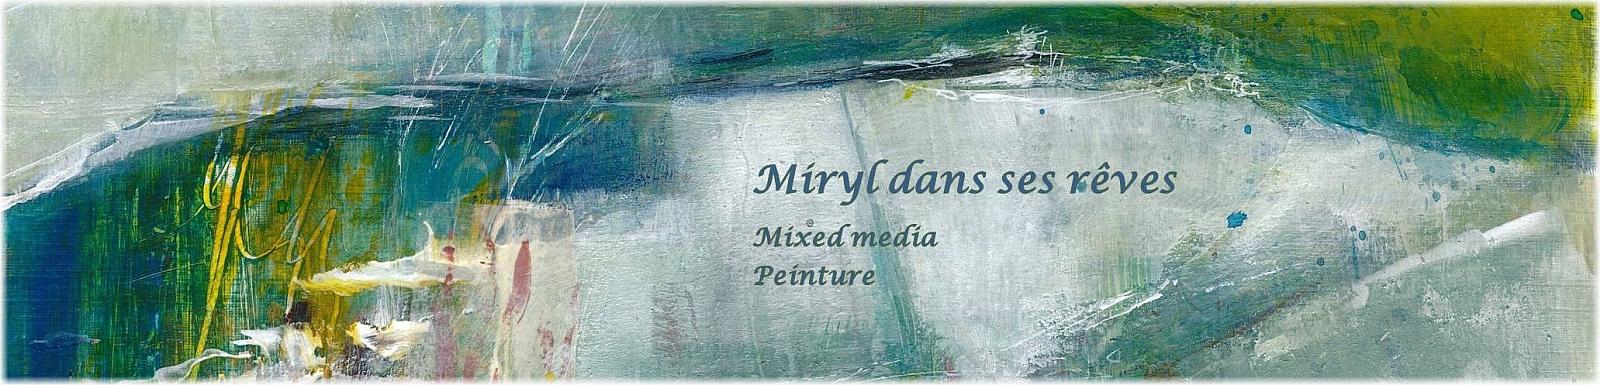 Miryl dans ses rêves